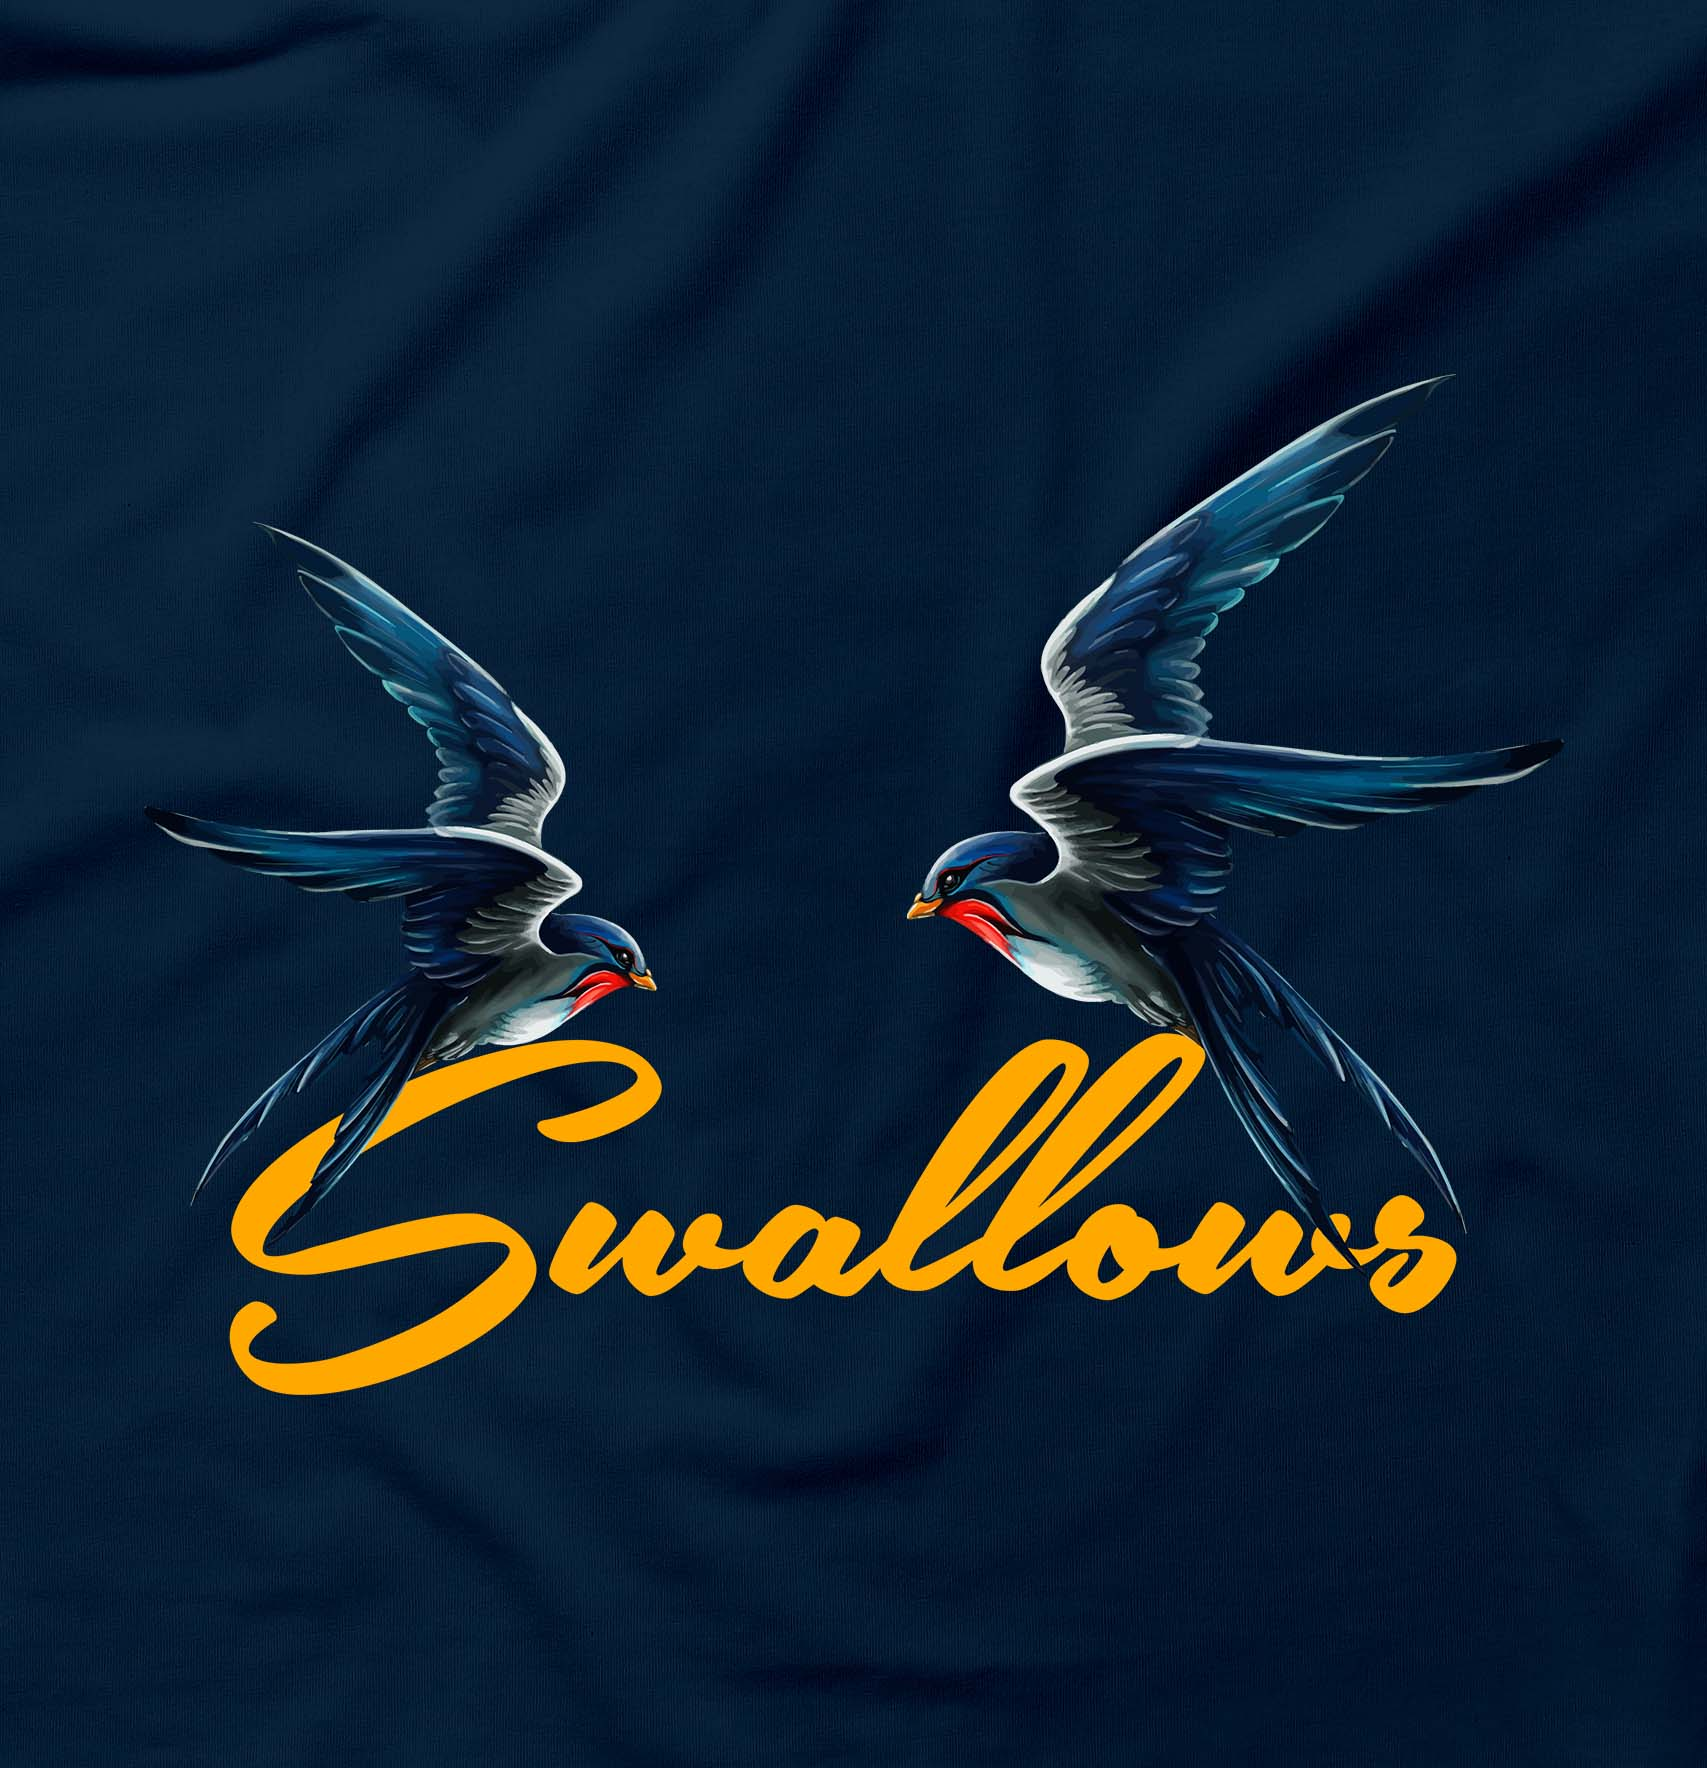 Swallows Sexual Innuendo Term Birds Funny